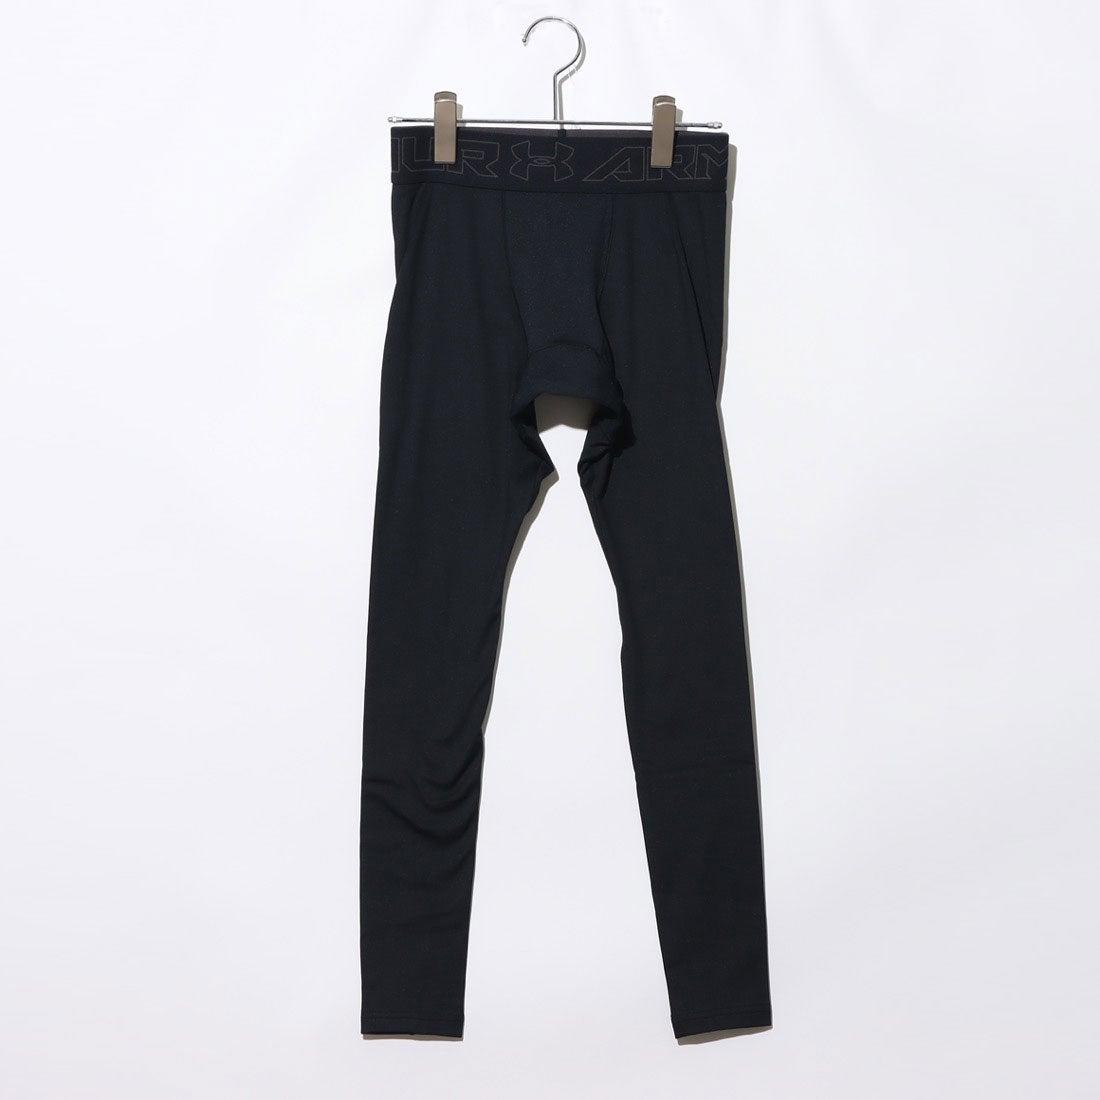 アンダーアーマー UNDER ARMOUR メンズ フィットネス コンプレッションロングタイツ/スパッツ UA ColdGear Leggings 1320812 (ブラック)